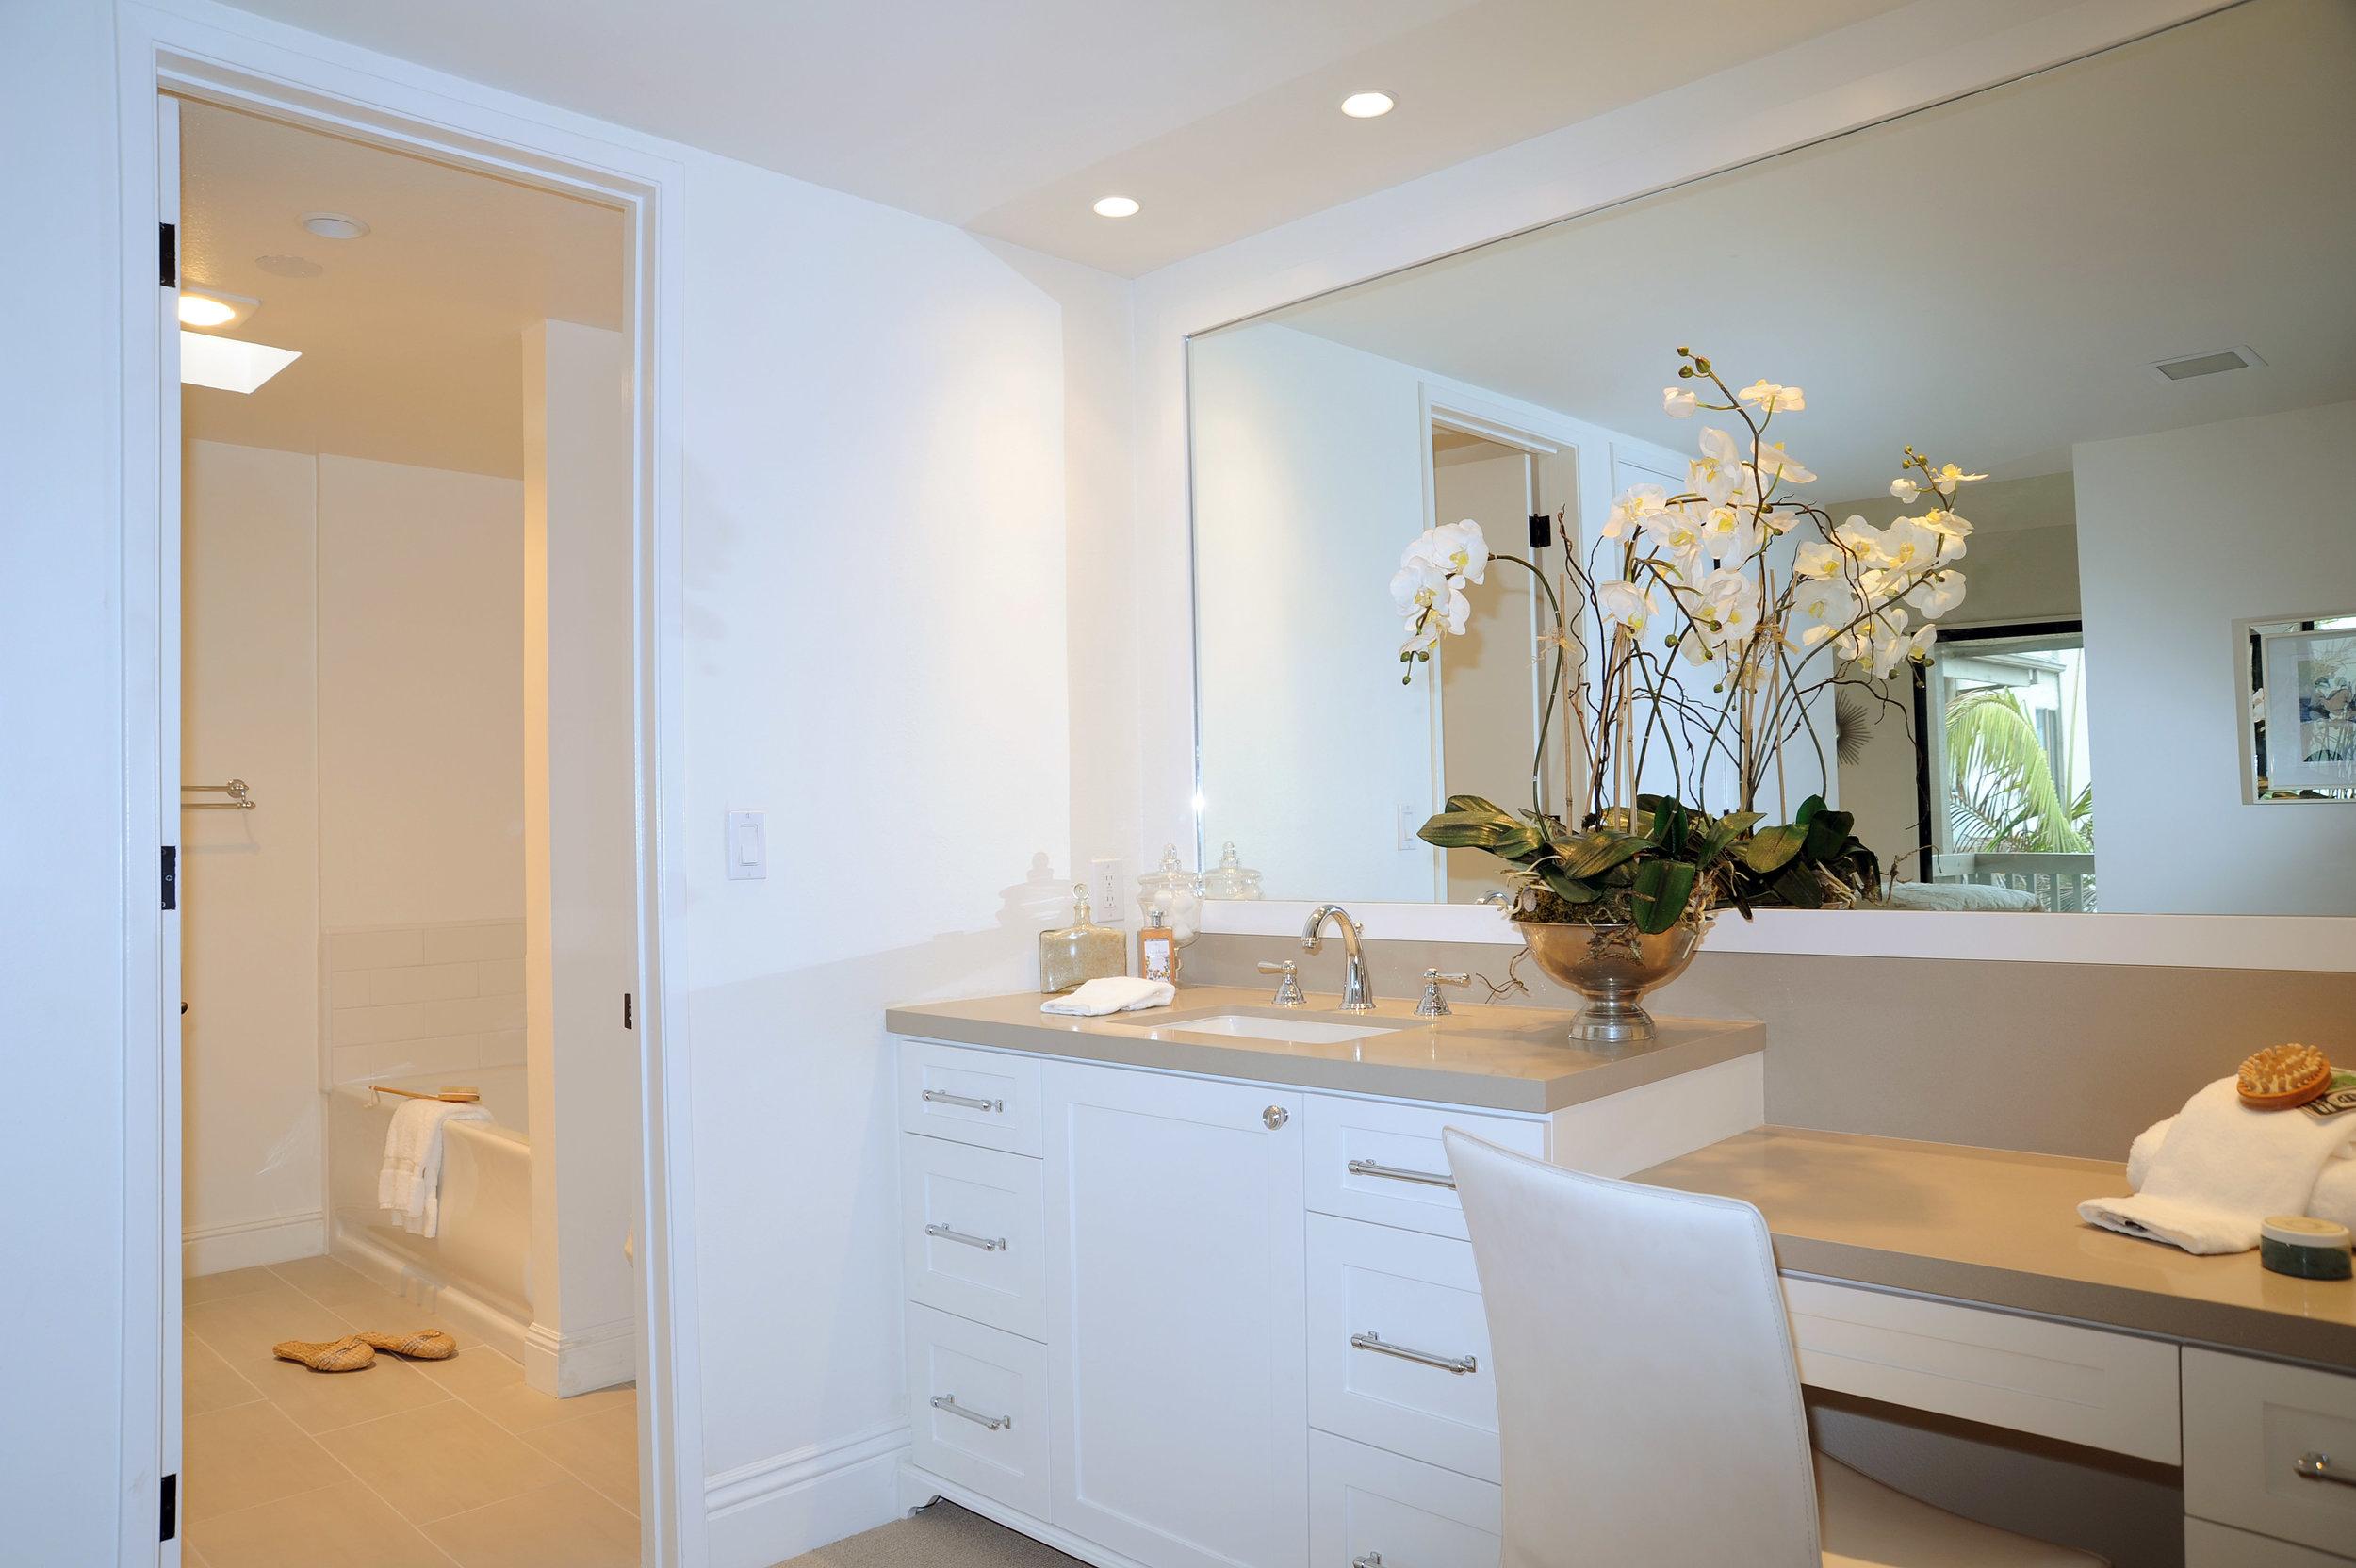 bedroom+1+bath-2477019729-O.jpg